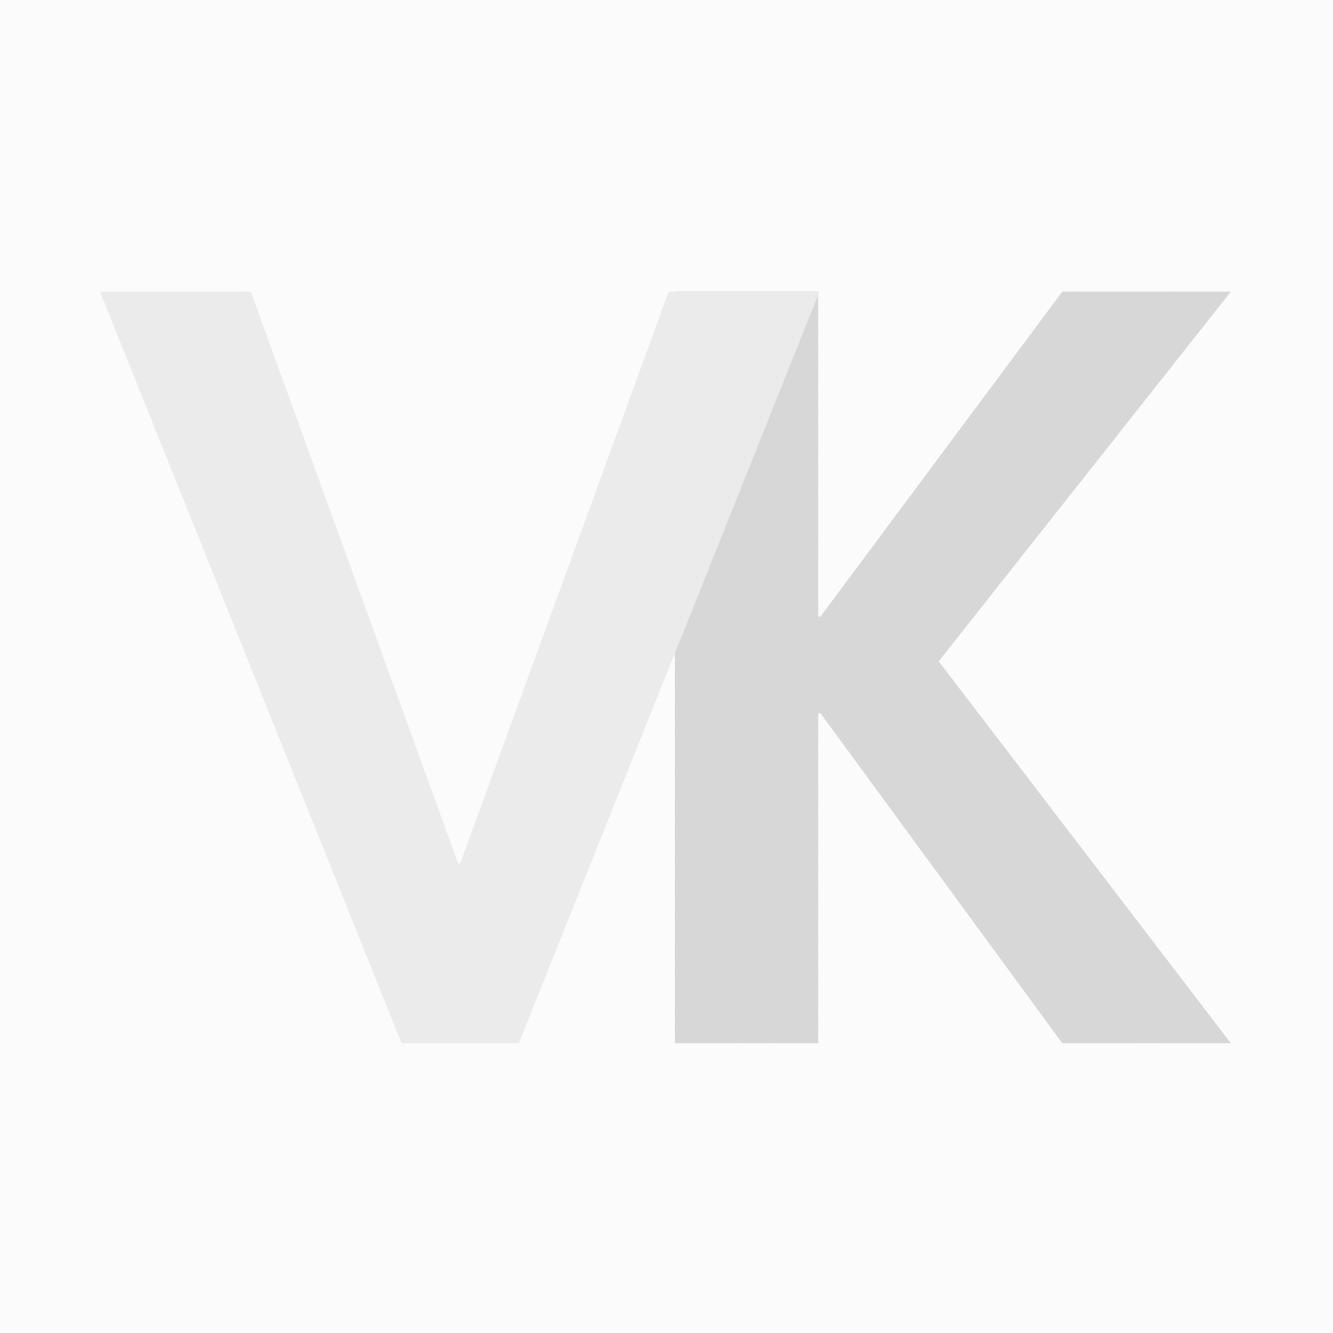 Haardraad Strass Bloem/Knop incl Schuifjes